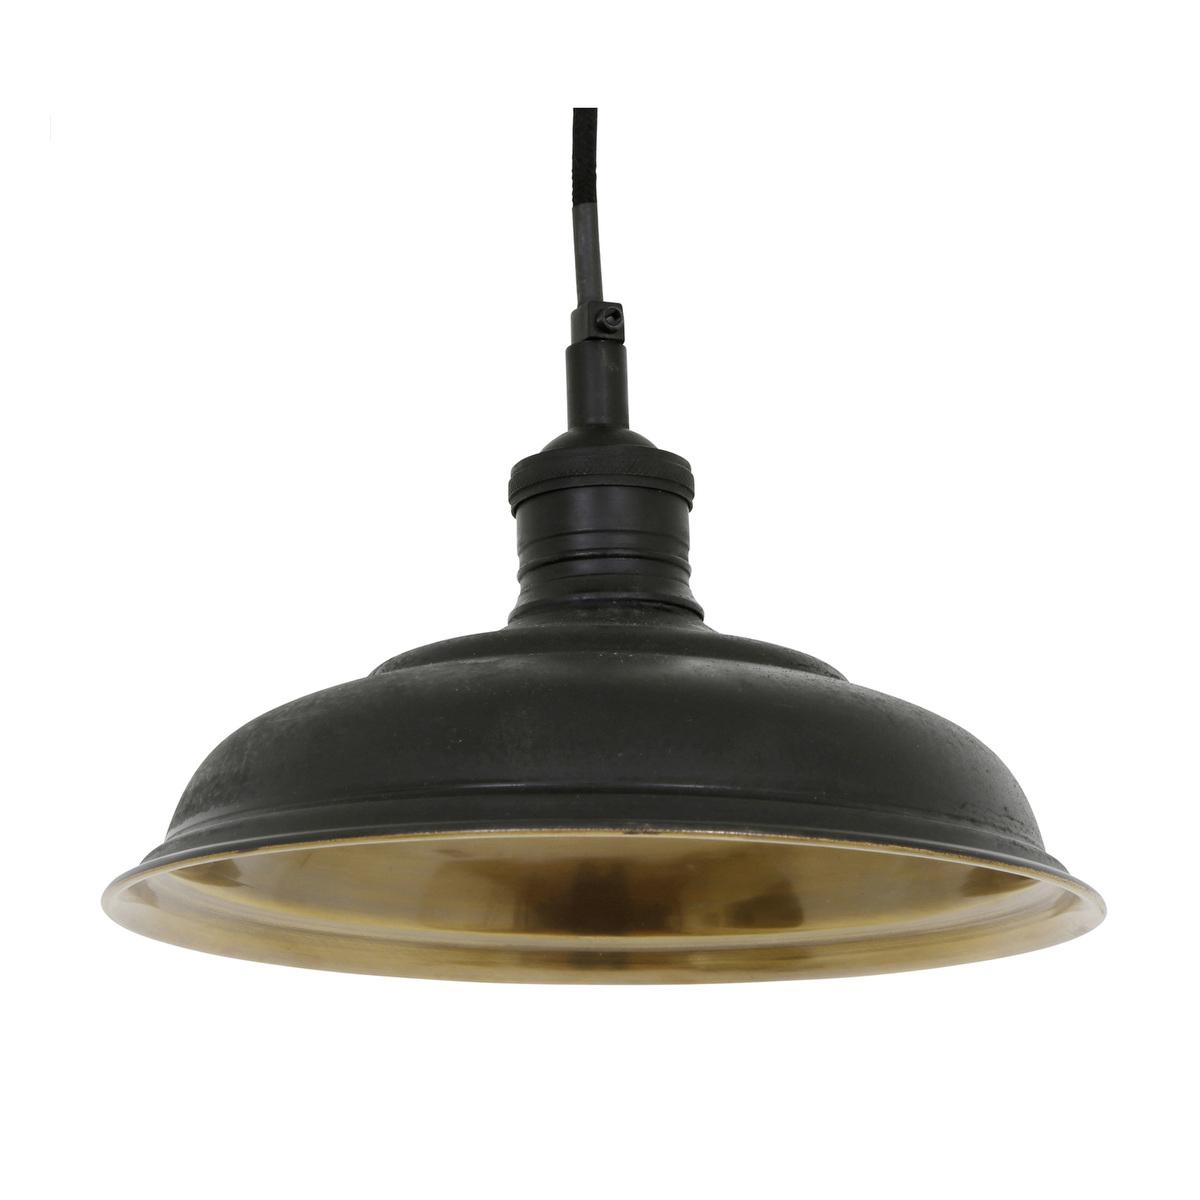 Ducasse large Hanglamp Antiek Zwart